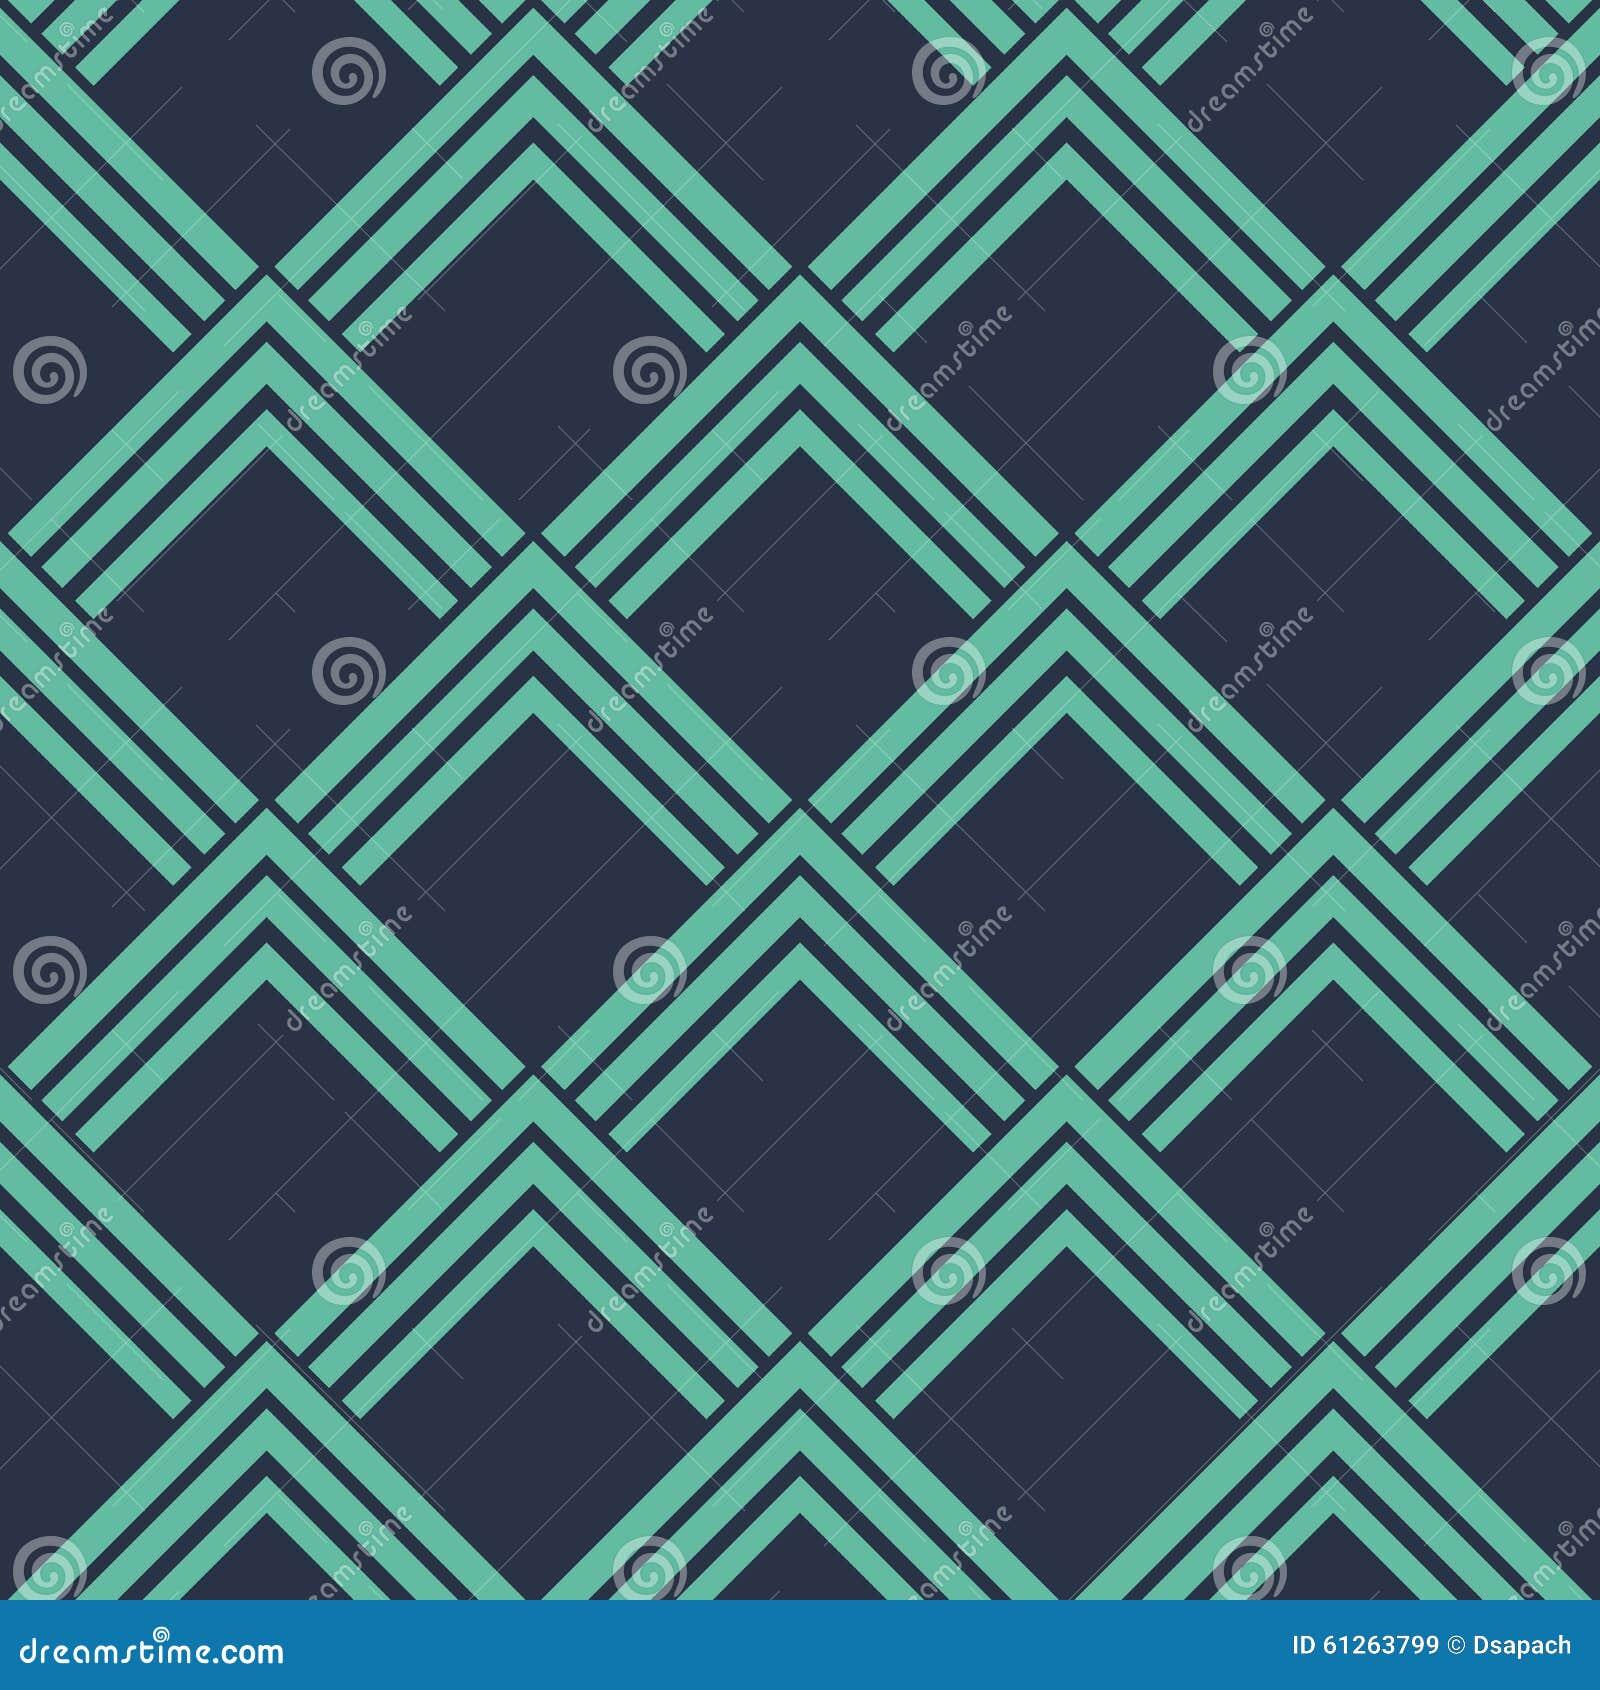 neon deco neon deco n letter logo d colorful set graphic design element neon geometric shape. Black Bedroom Furniture Sets. Home Design Ideas